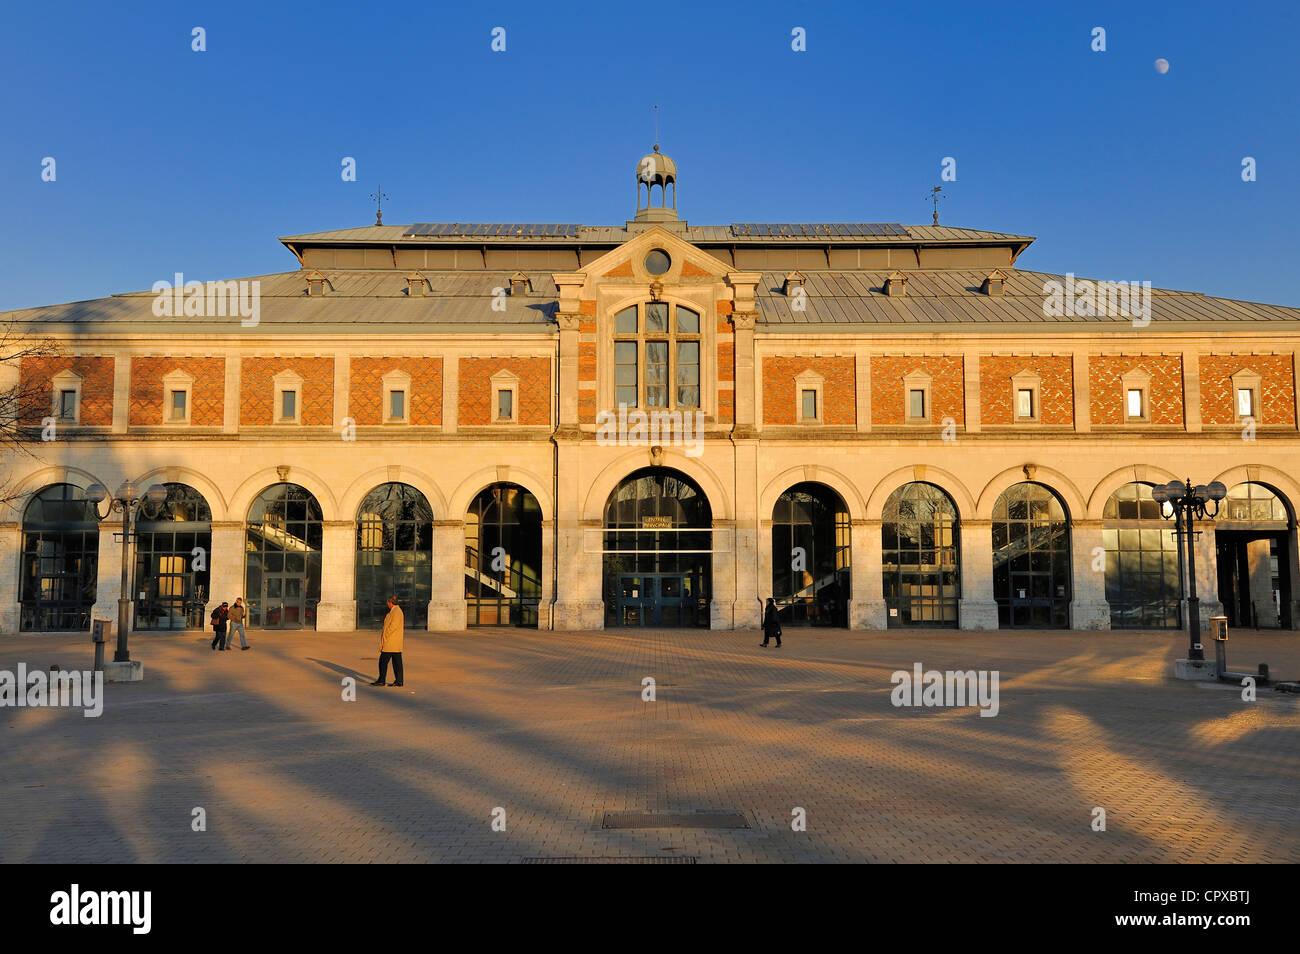 France, Loir et Cher, Blois, Halle aux grains (Grain Market Hall) - Stock Image